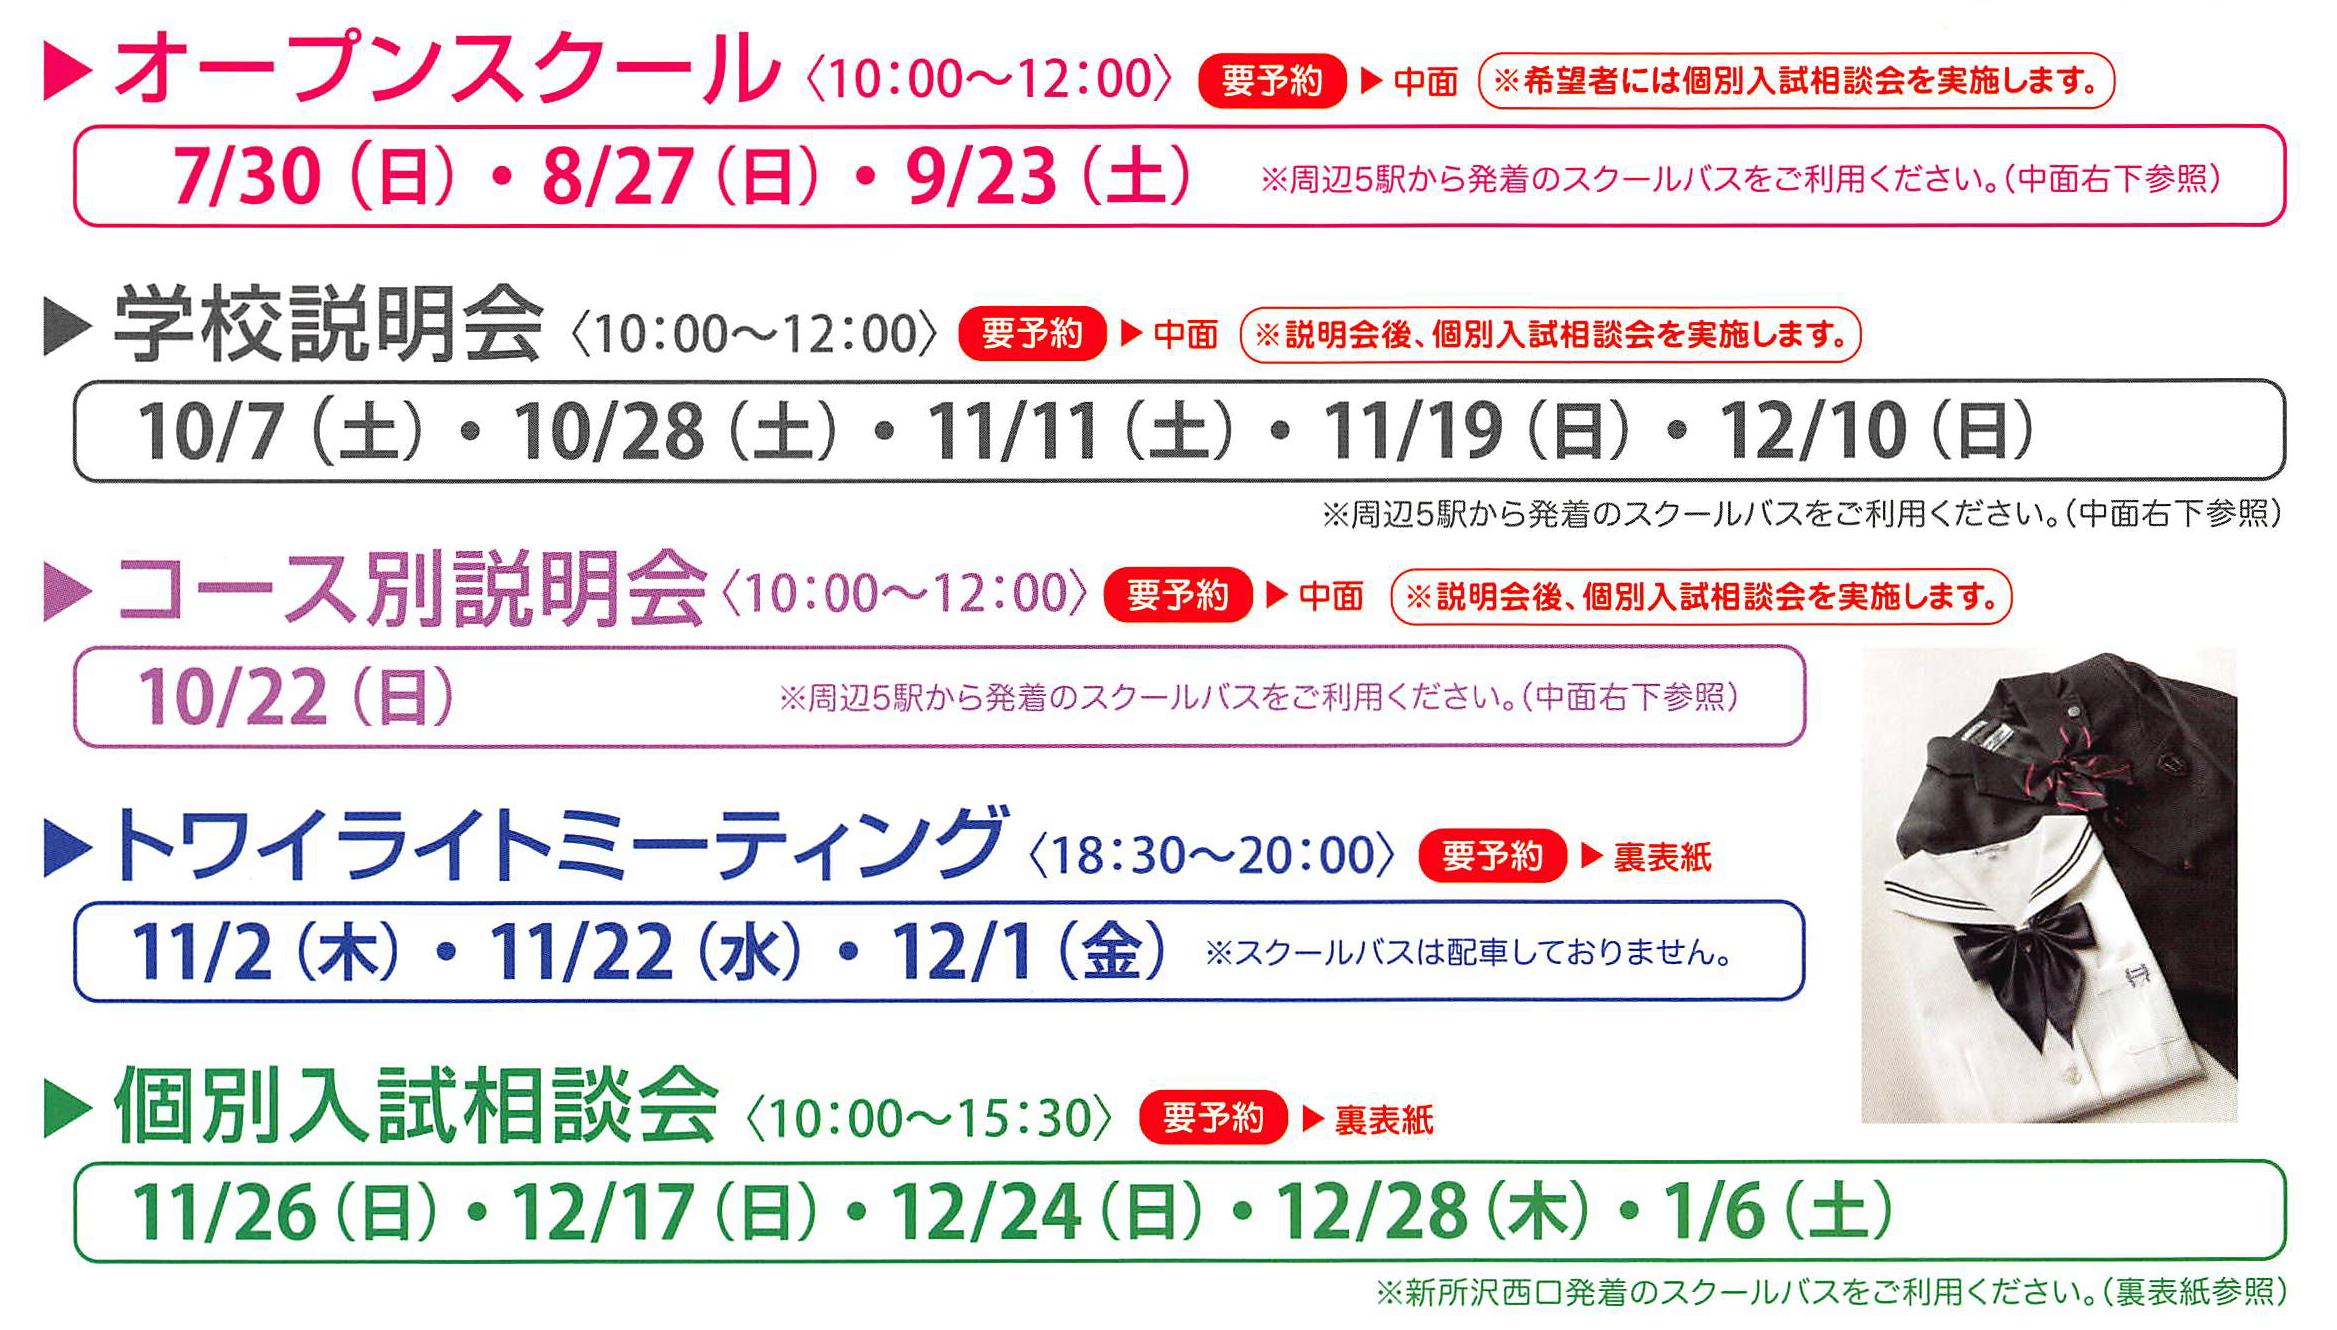 体験イベント&説明会日程